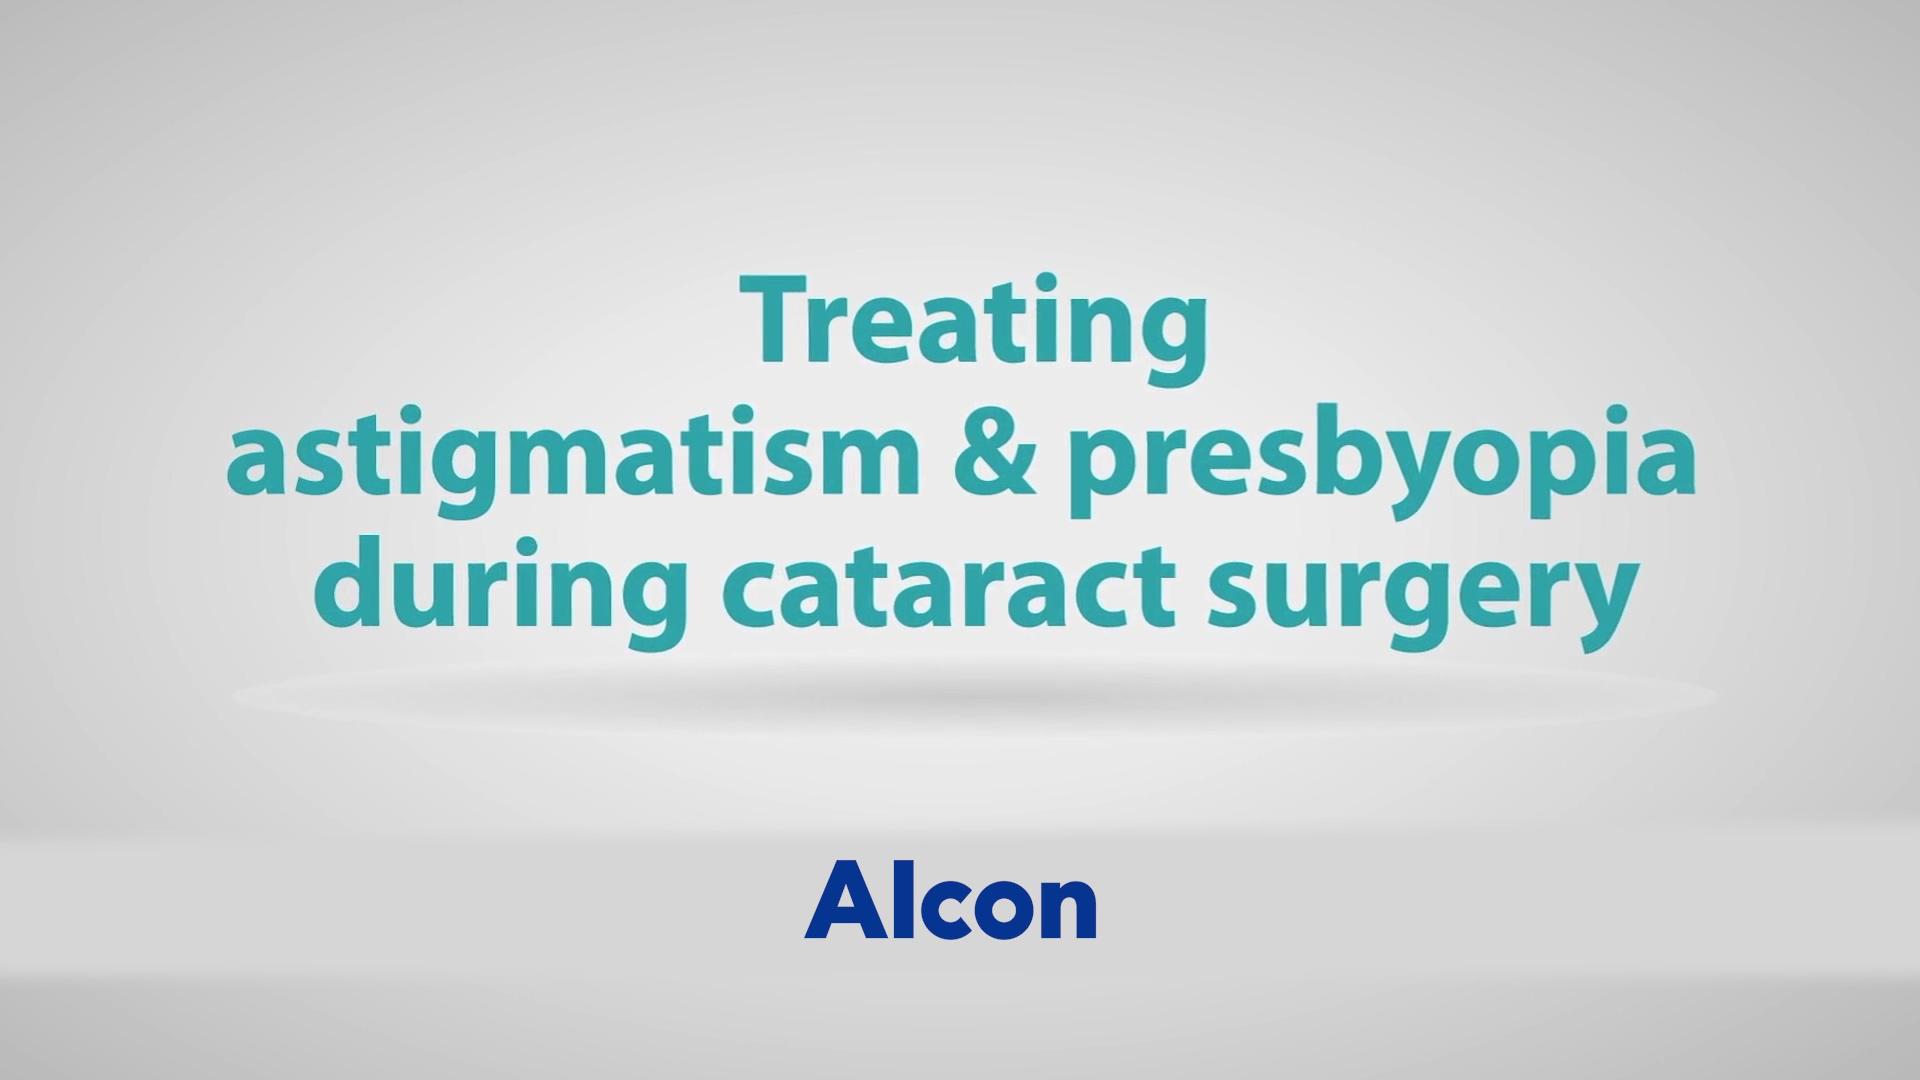 Alcon_3_Correcting Astigmatism & Presbyopia